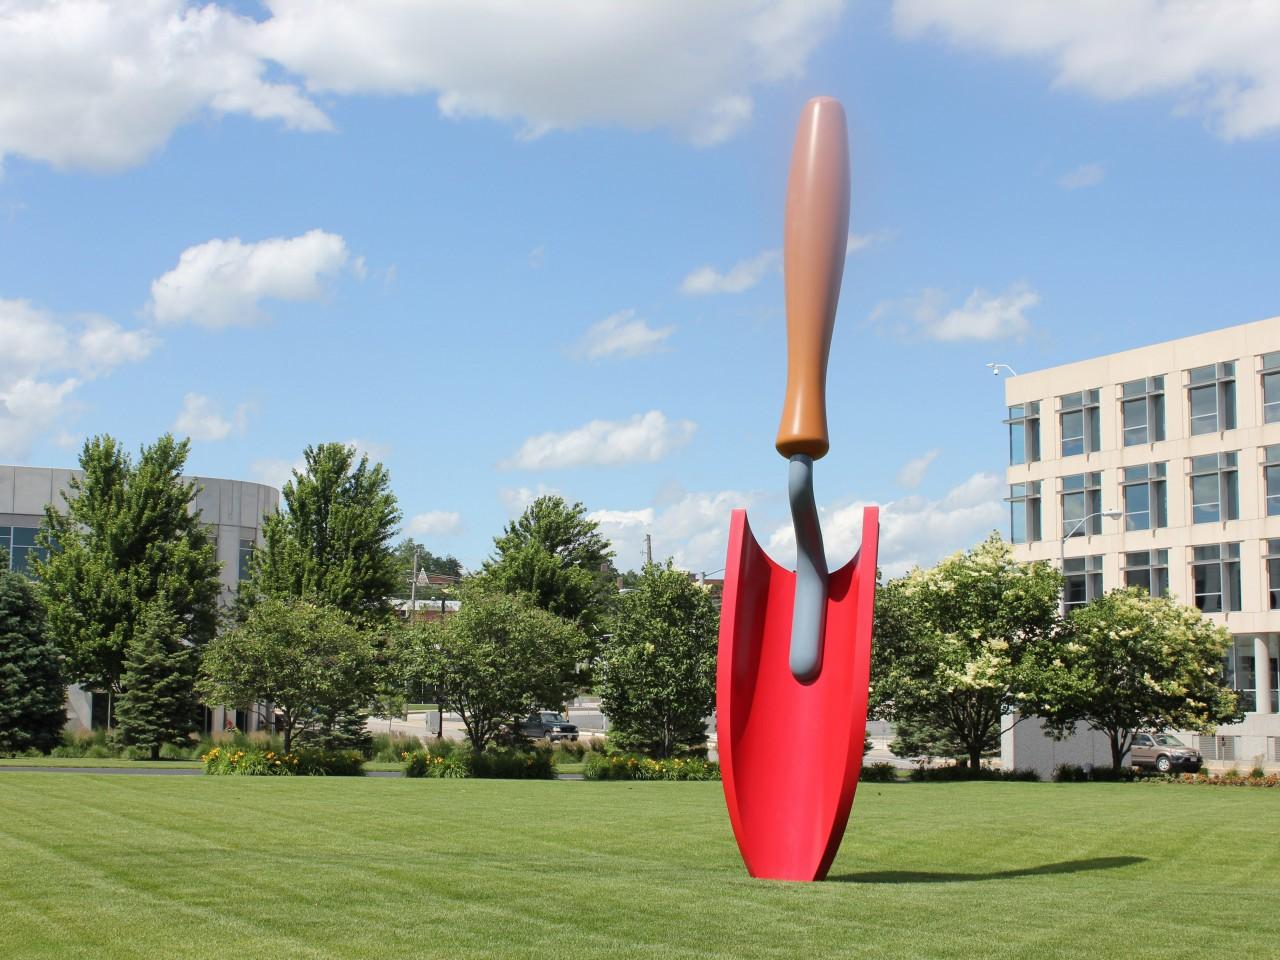 Plantoir Greater Des Moines Public Art Foundation